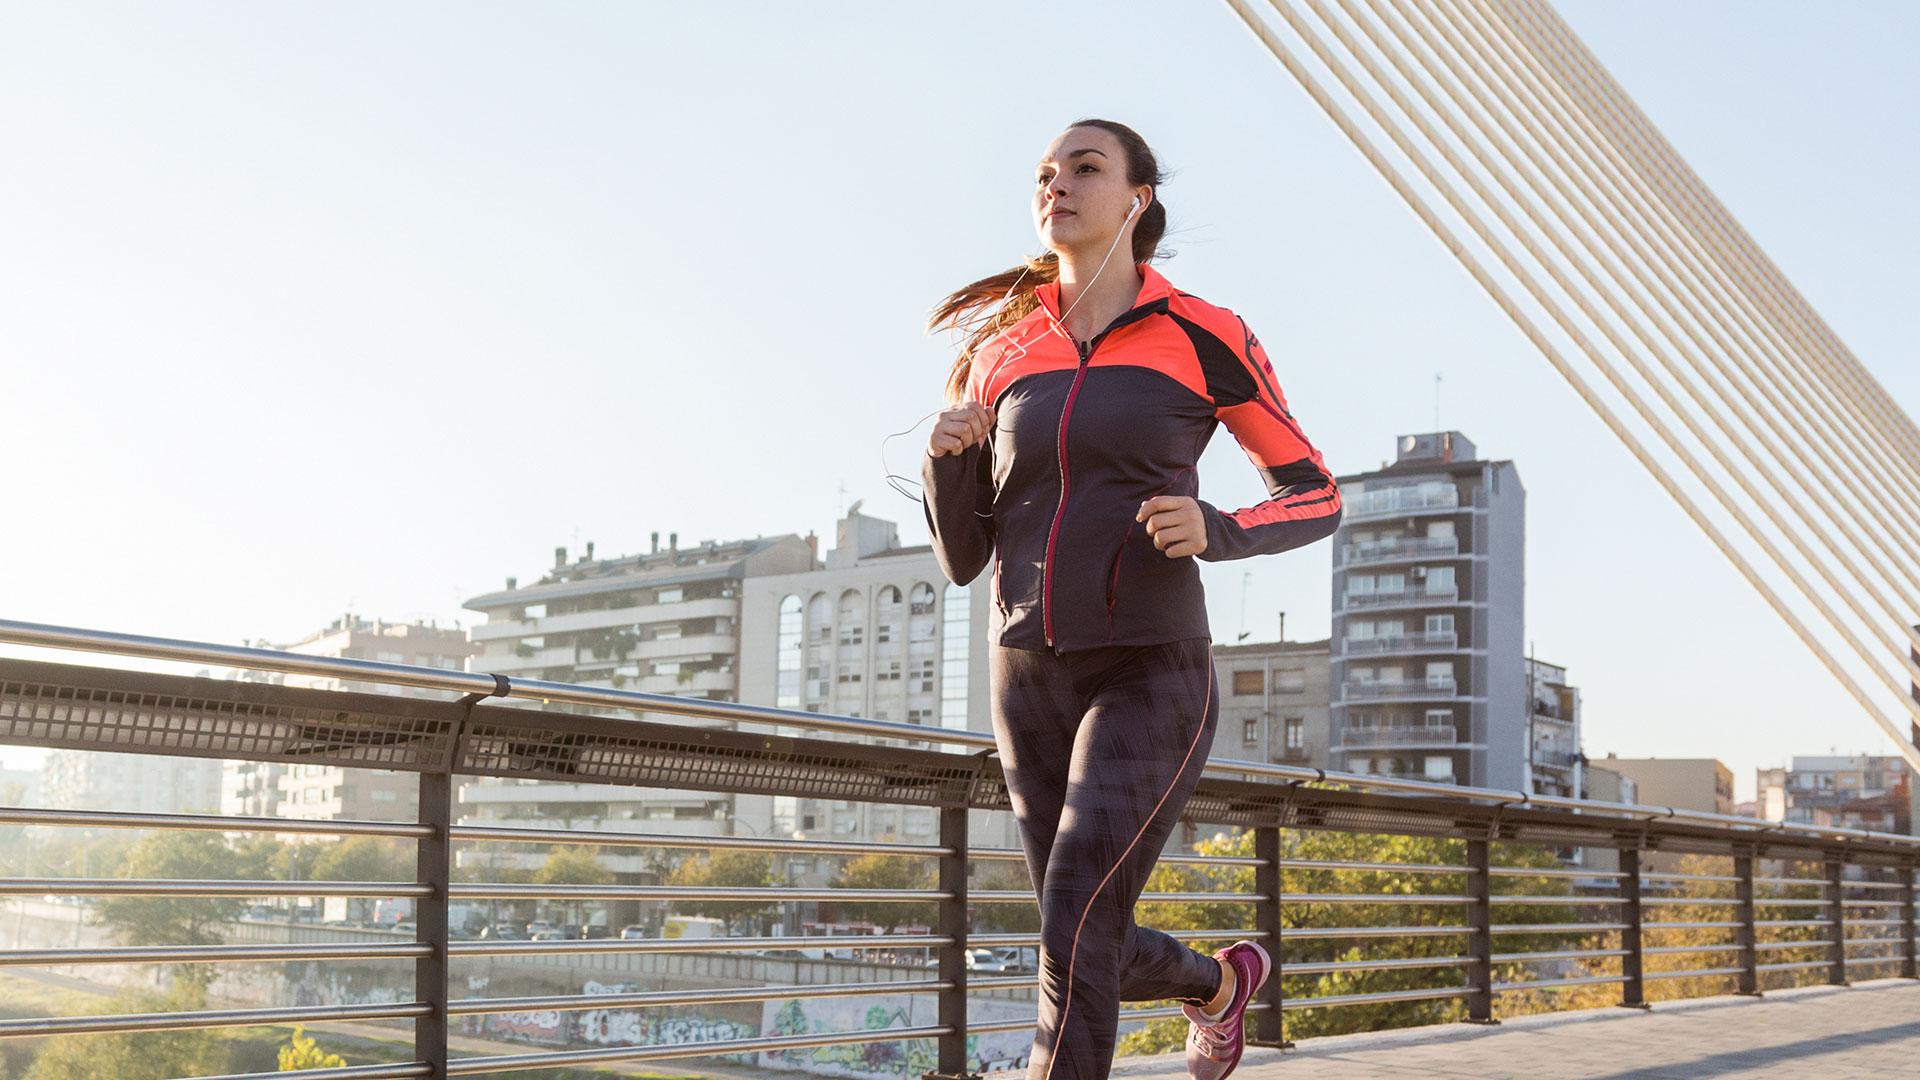 405cdb6a9 Atividade física e saúde  5 doenças prevenidas pela prática de exercícios